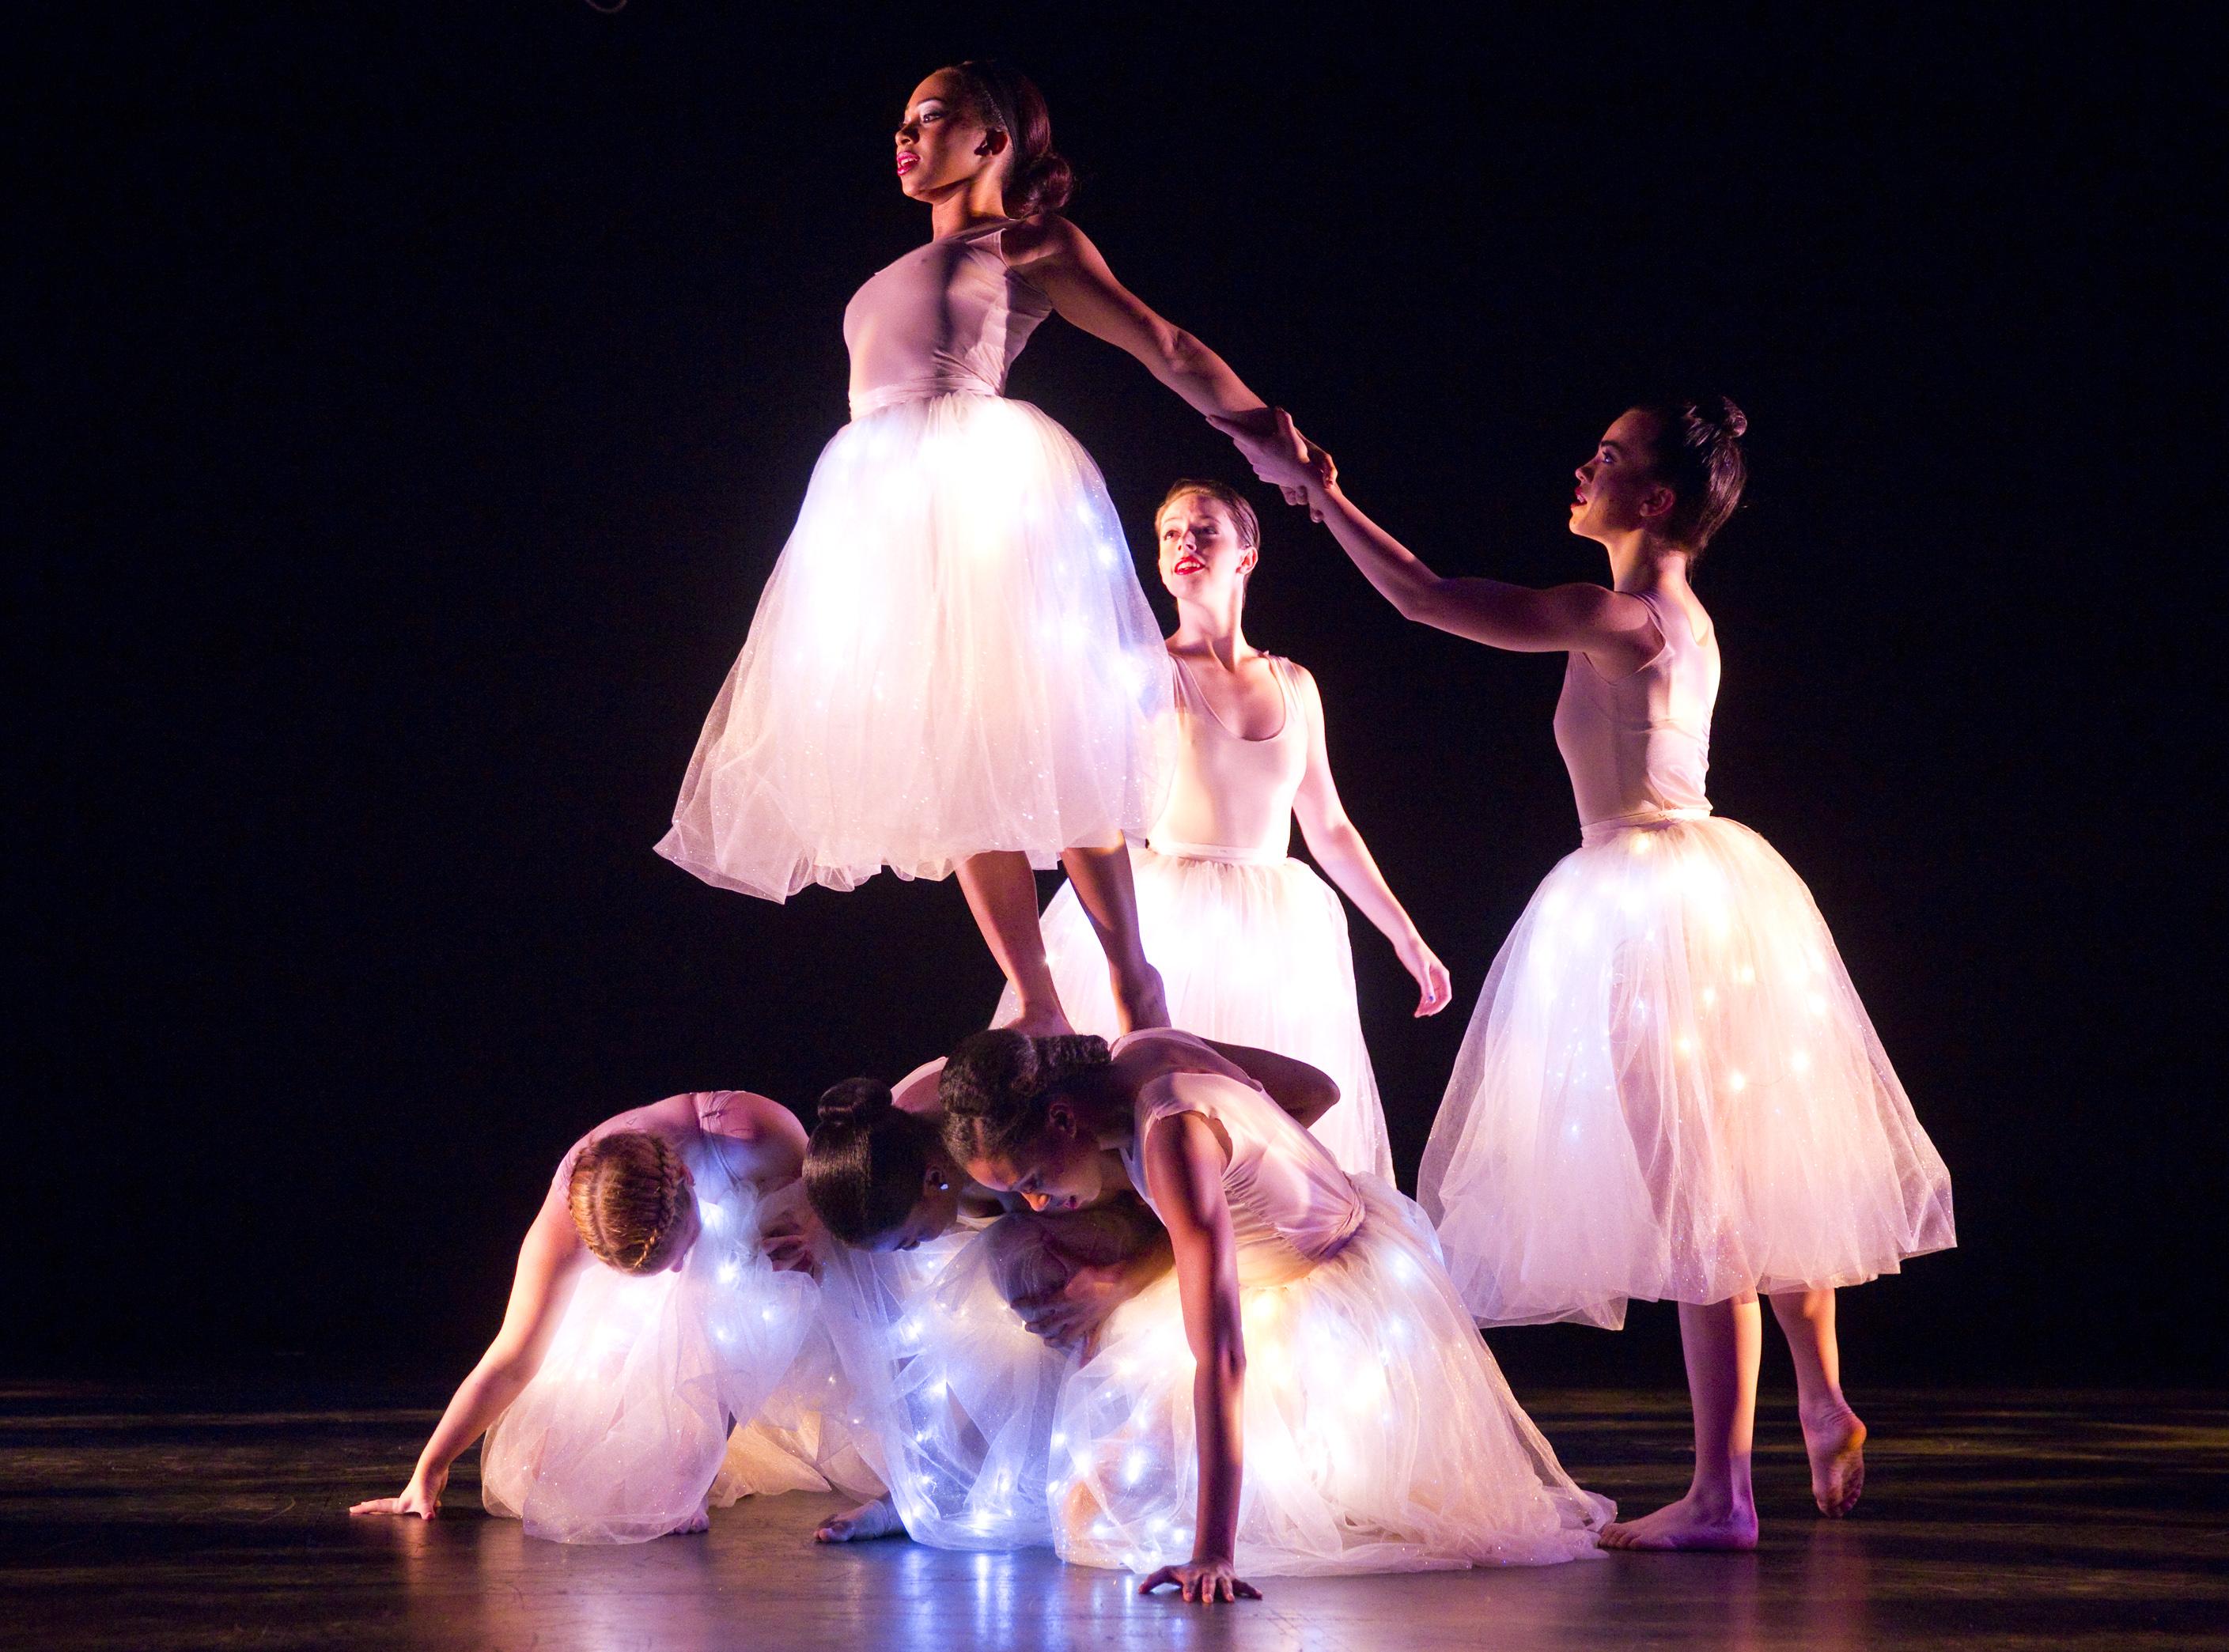 Lighting for Dance